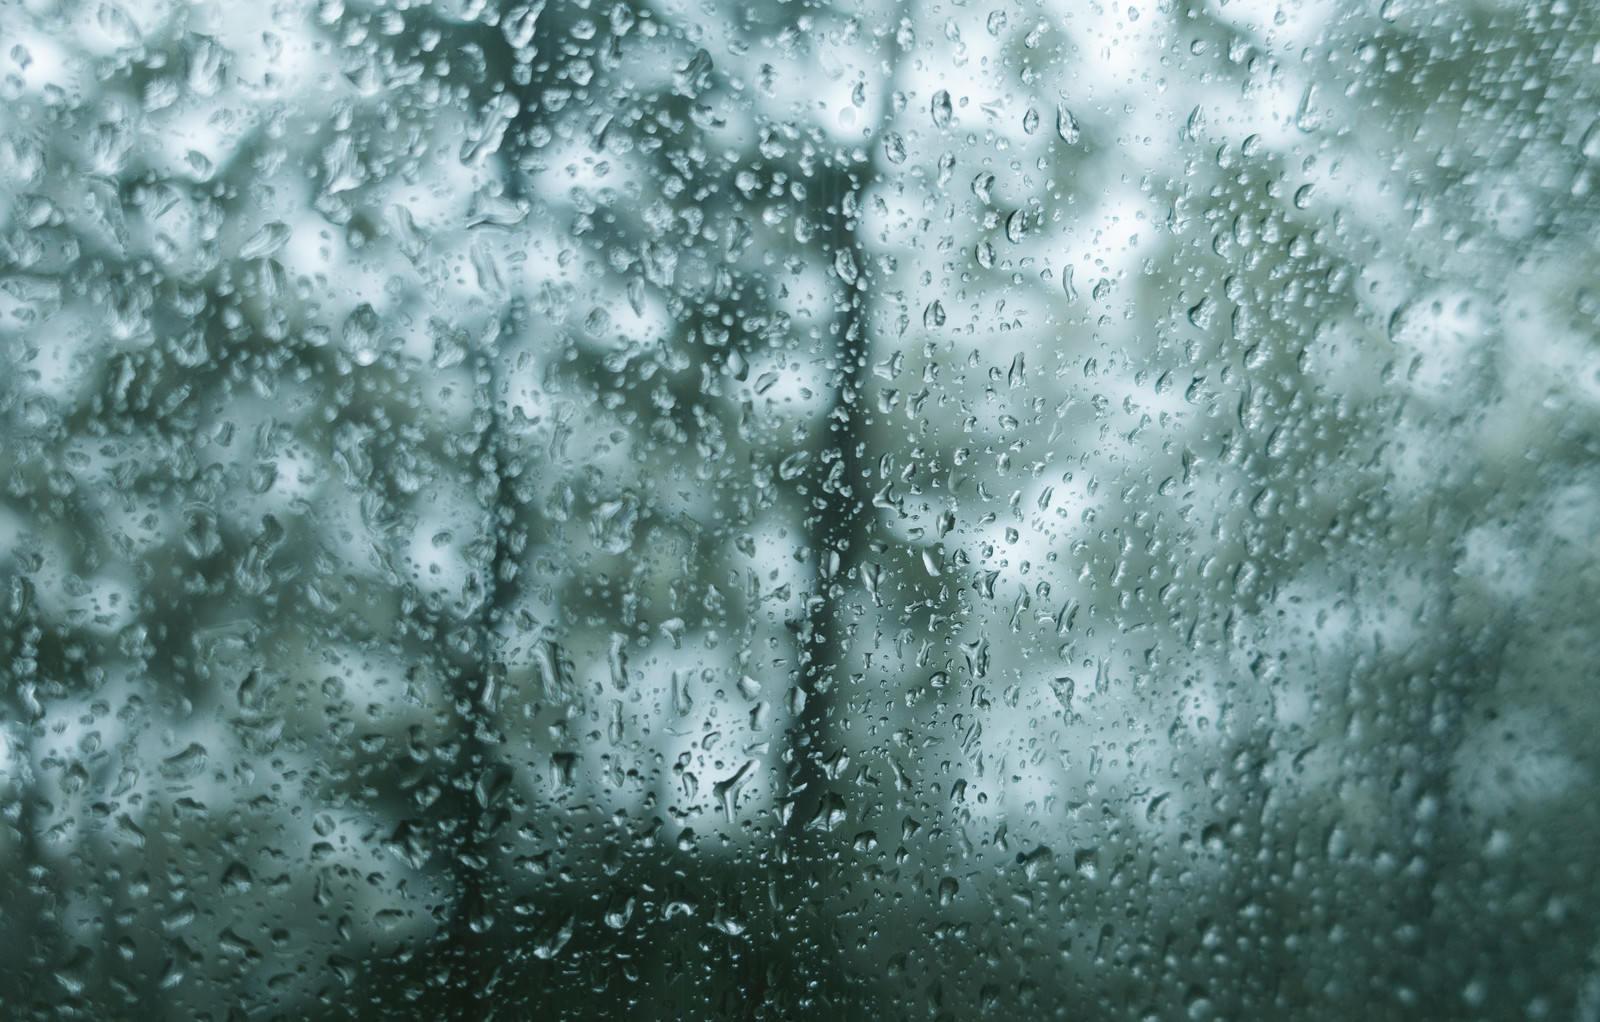 「雨が降ってもどガラスが濡れる雨が降ってもどガラスが濡れる」のフリー写真素材を拡大